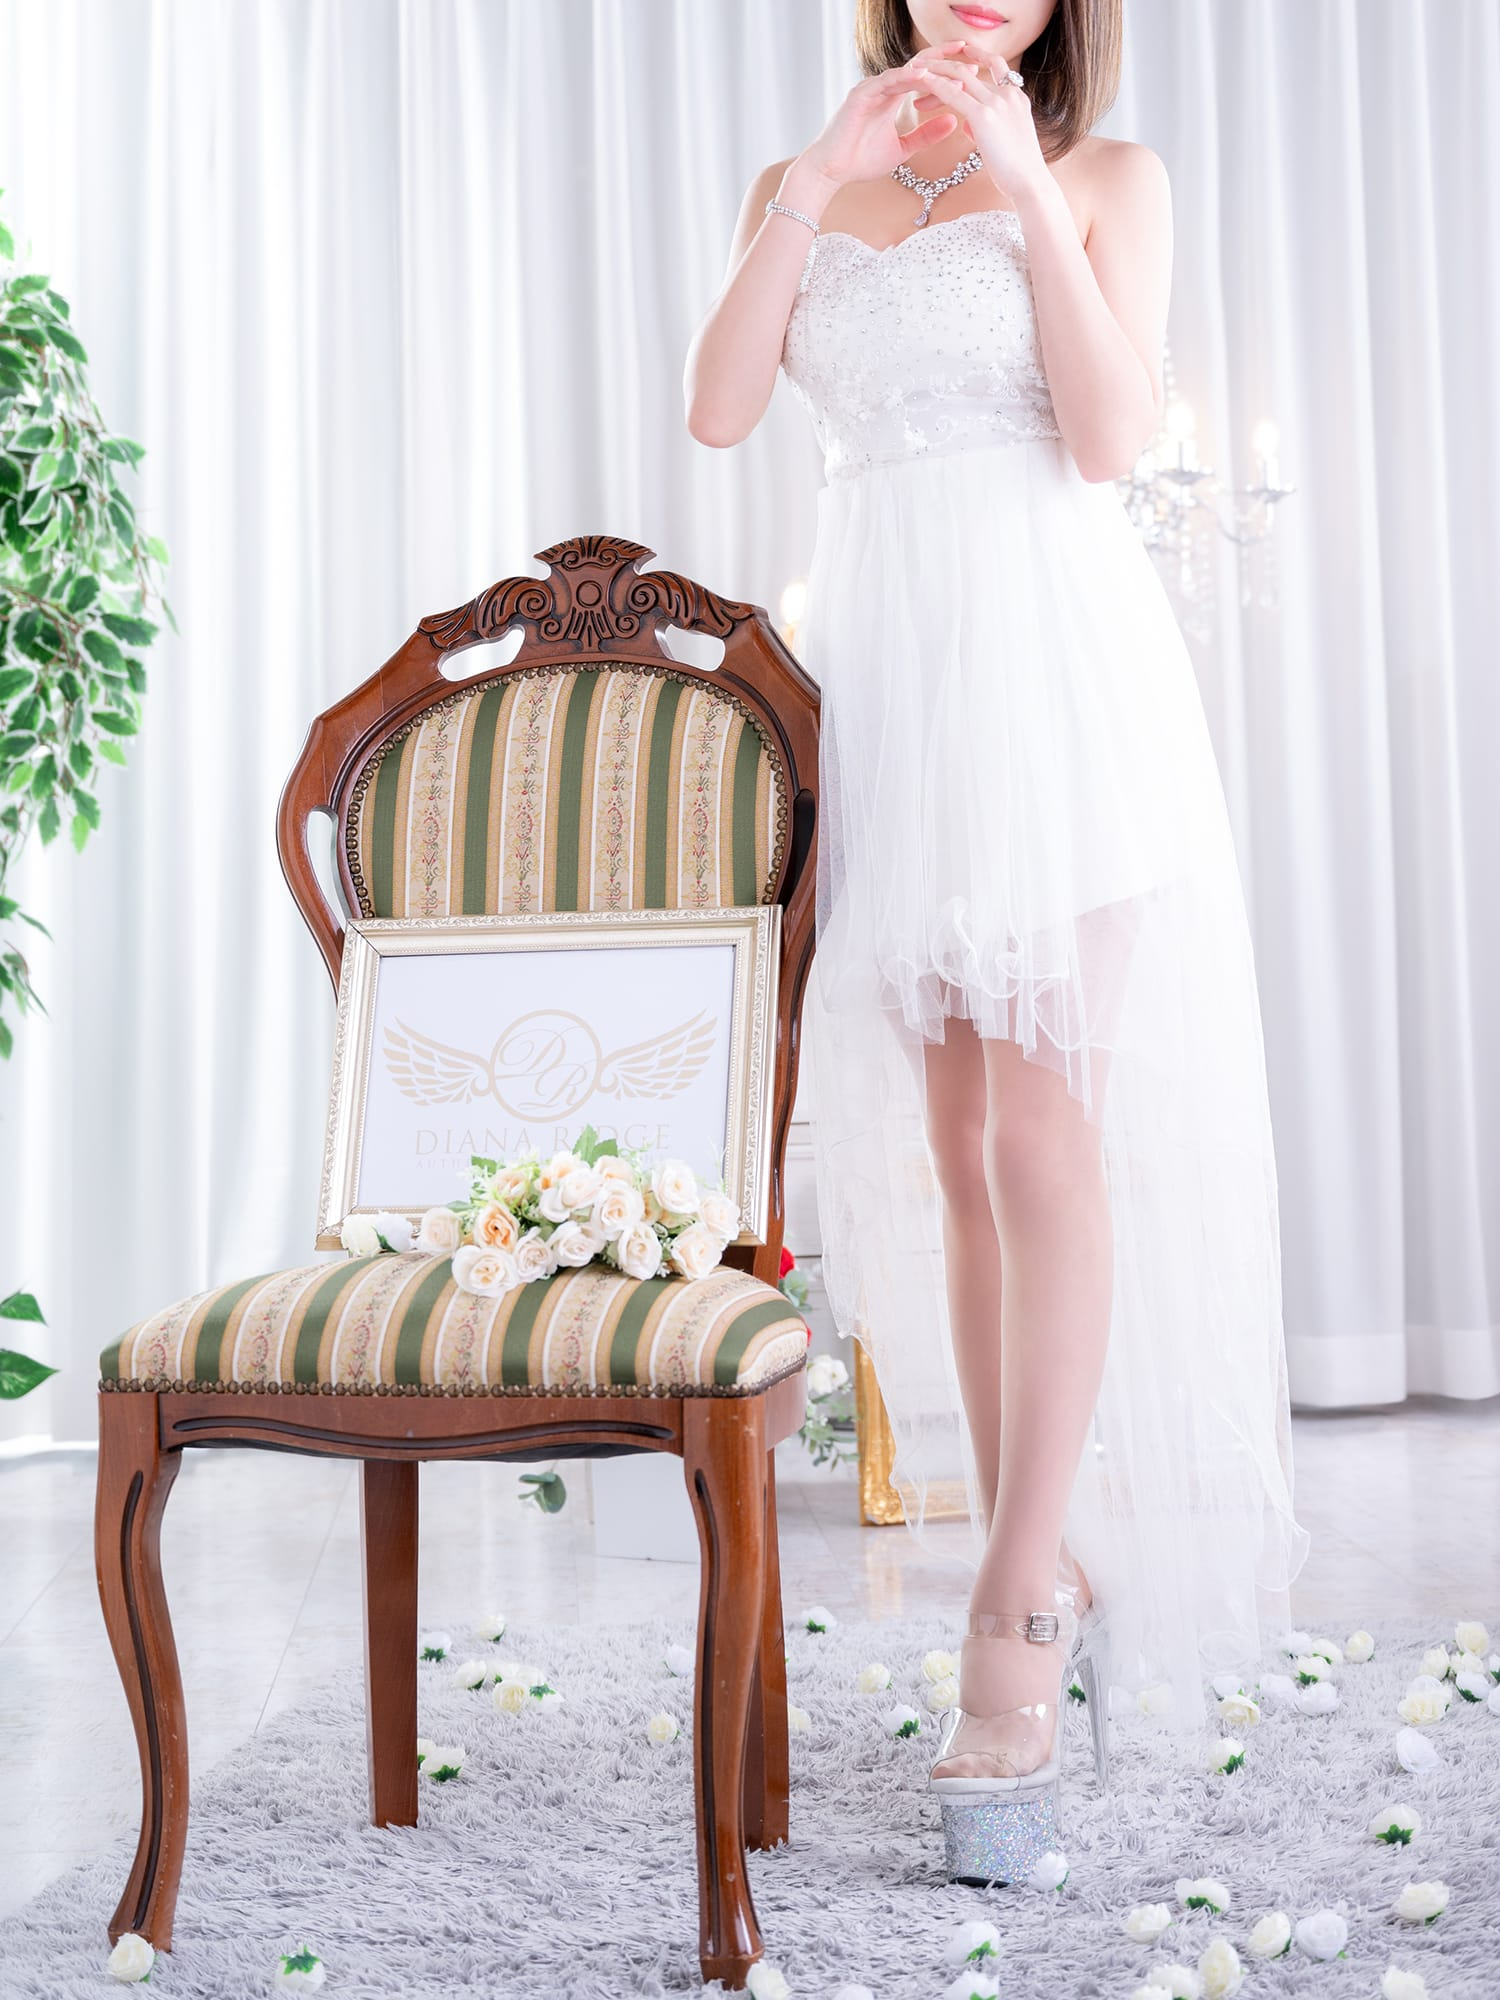 美音(みおん)-DIANA【男心を掌握した高嶺の華◎】 | DIANA RIDGE~ダイアナ・リッジ()